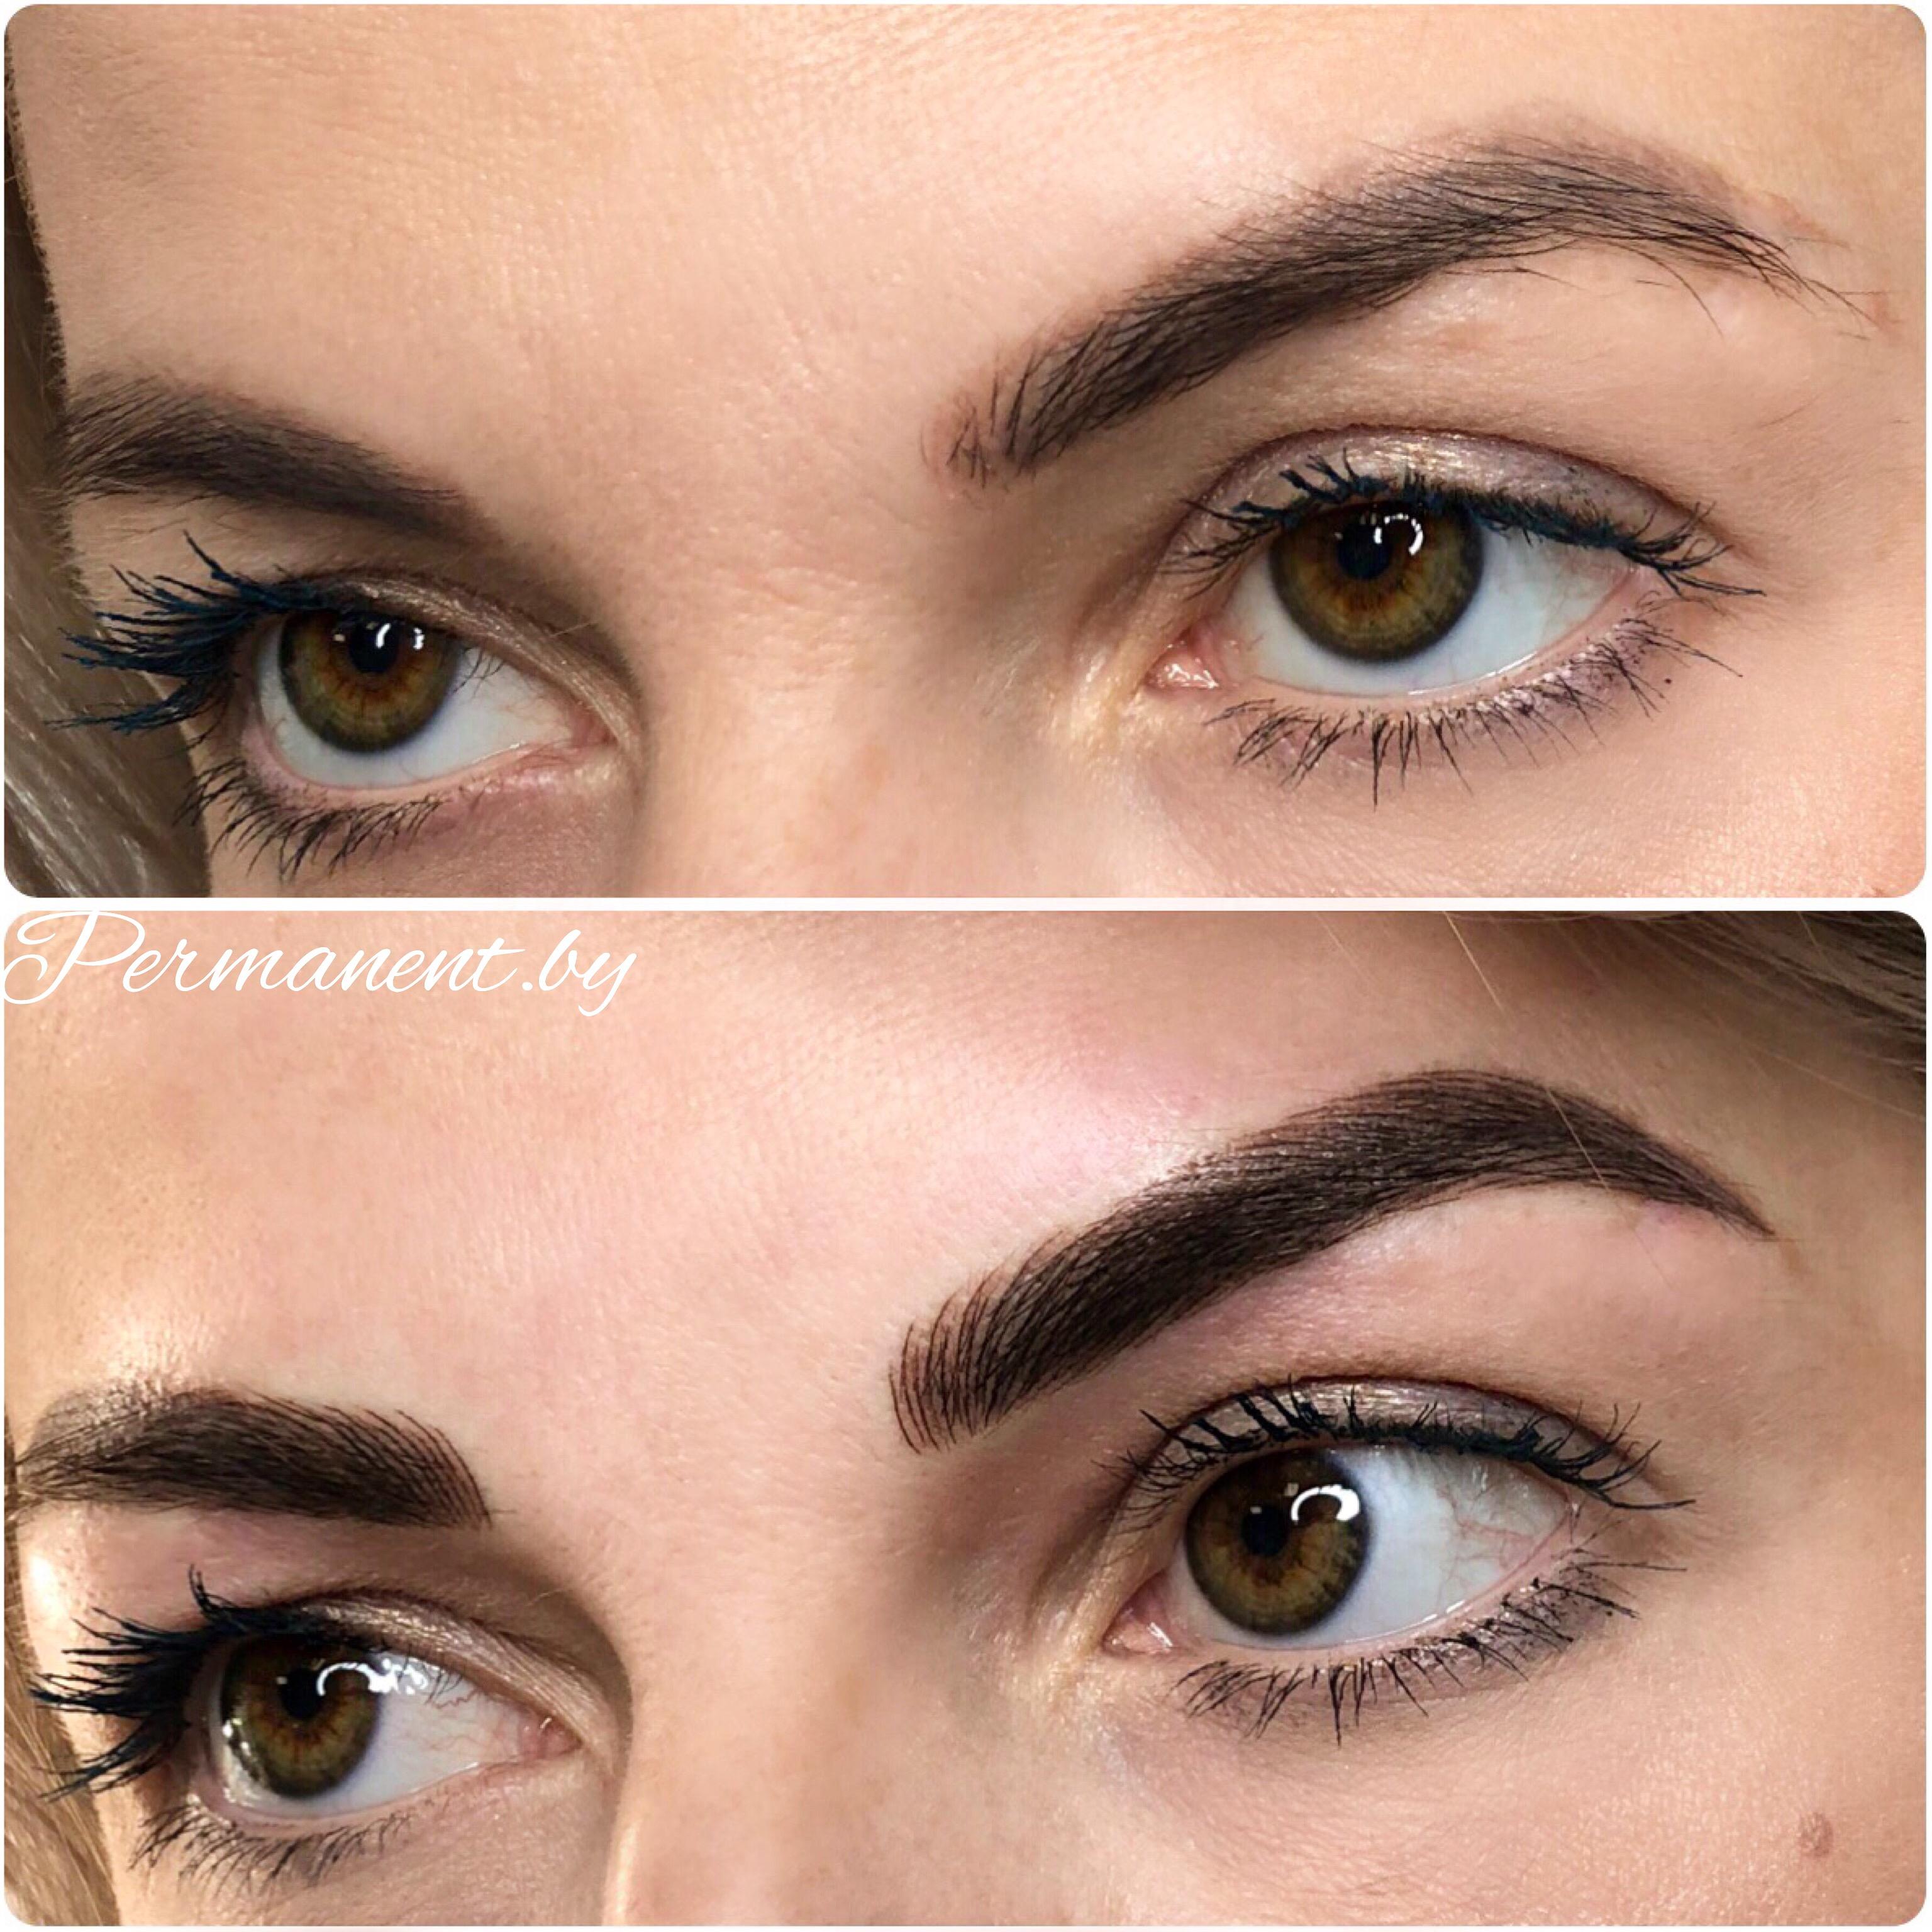 Popolare татуаж бровей до и после коррекции фото